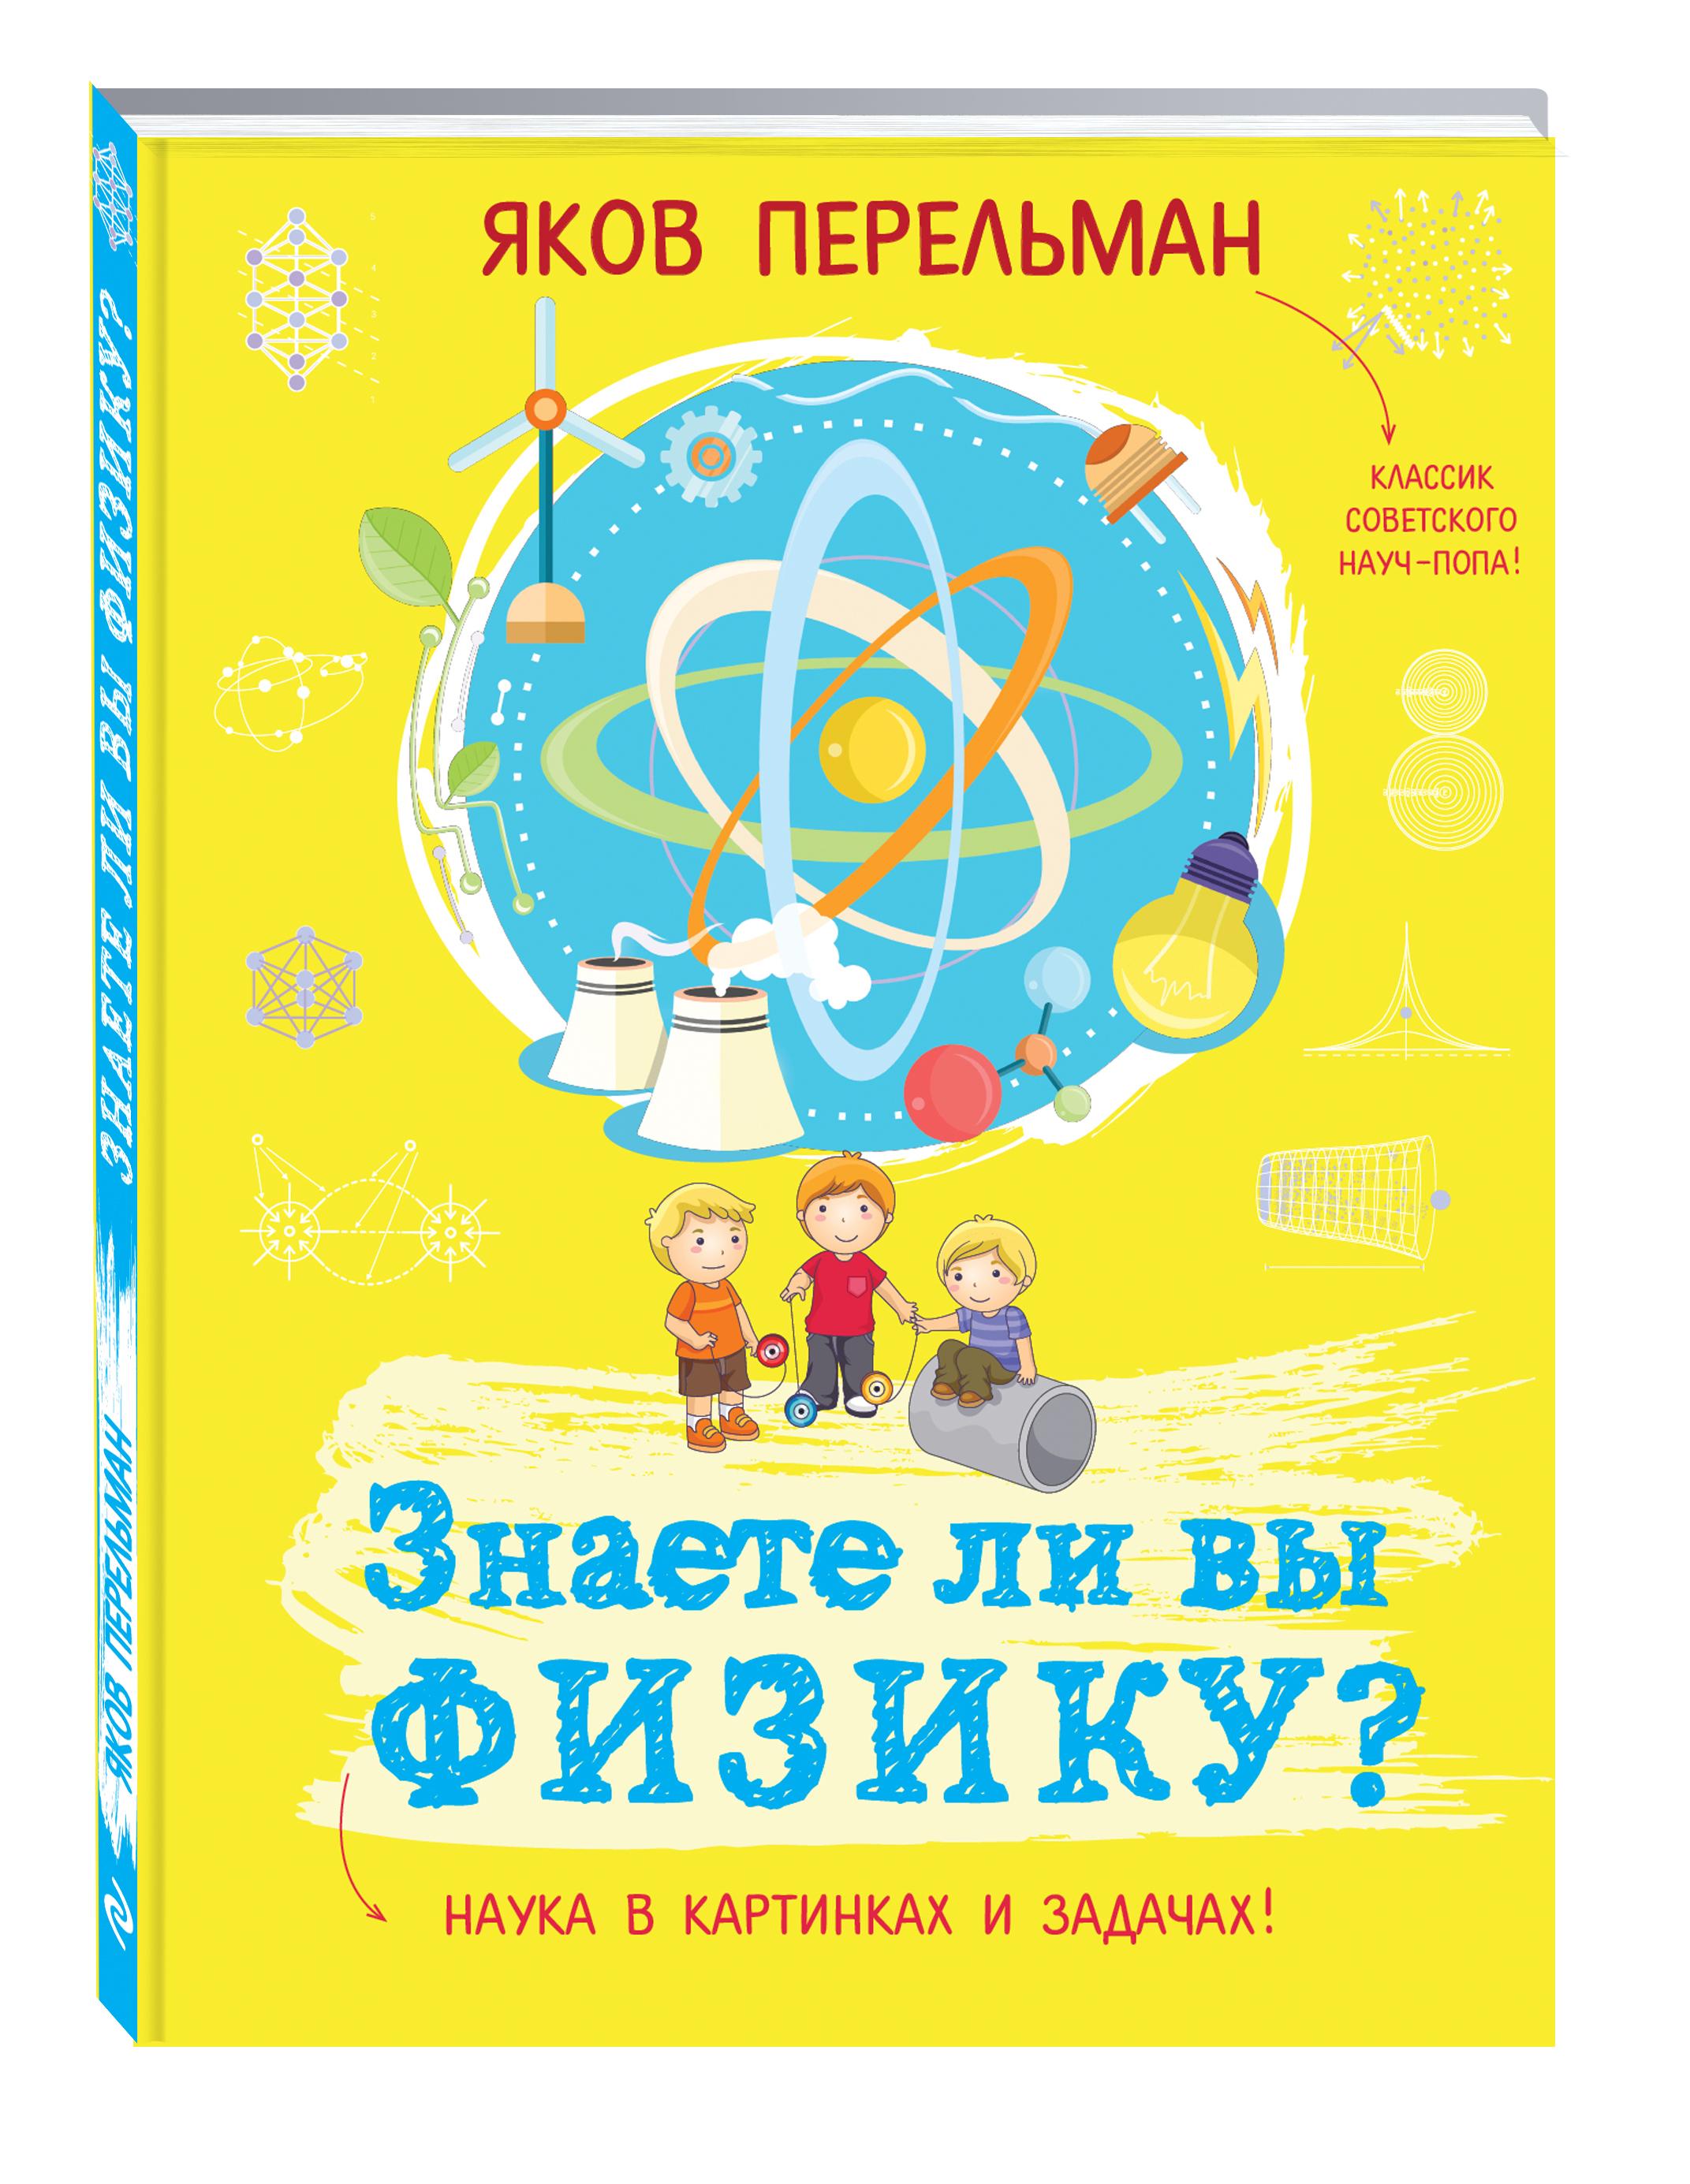 Перельман Я.И. Знаете ли вы физику? алексеева а знаете ли вы францию тесты по страновед на фр языке